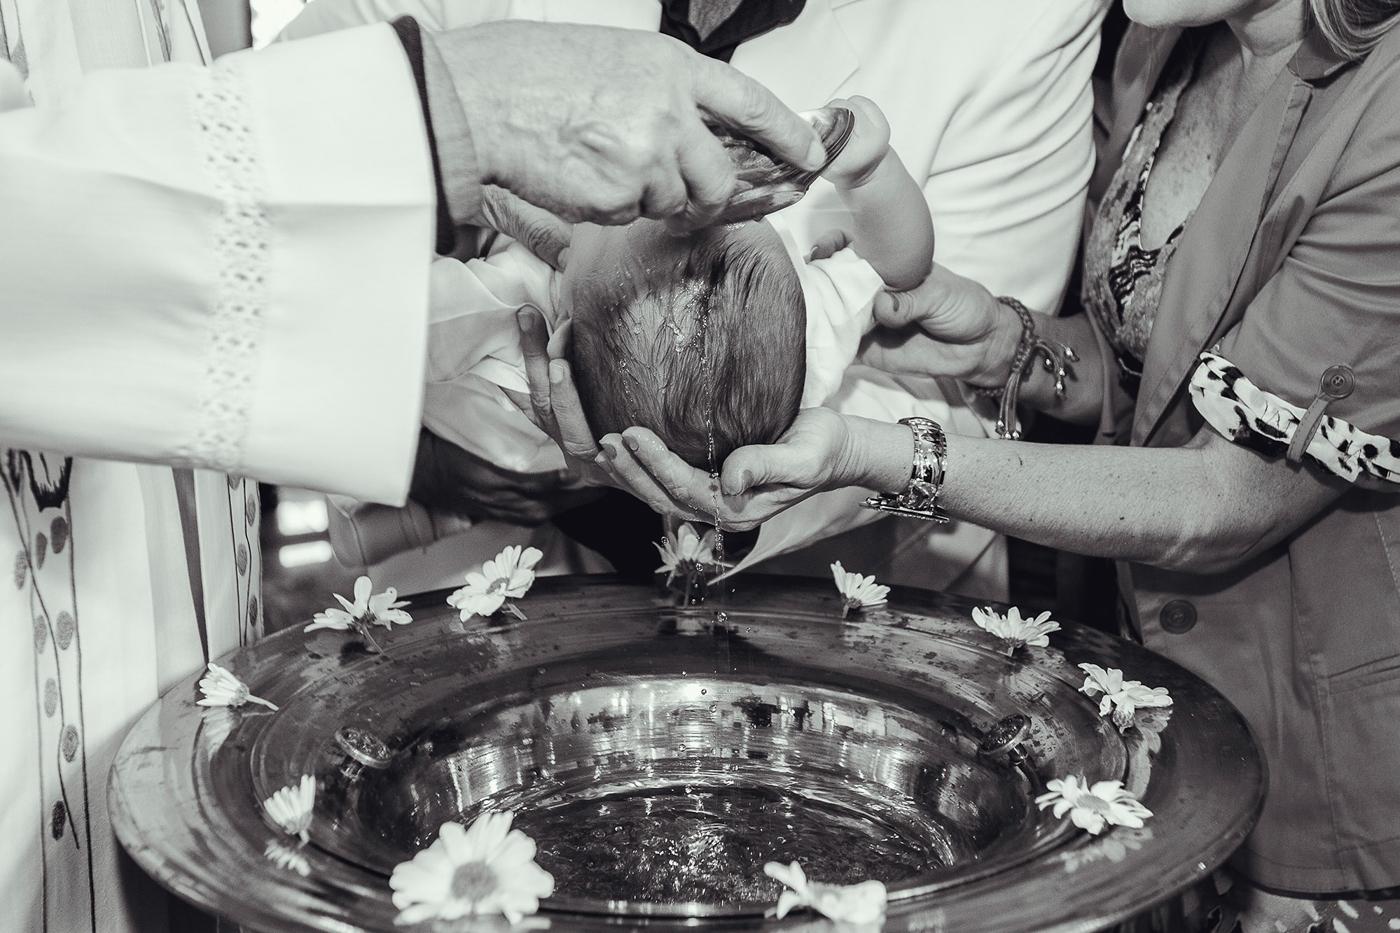 fotografia bautizos en caracas, fotografo profesional de bautizos, video de bautizos, caracas, venezuela, bar mitzvah, bat mitzvah